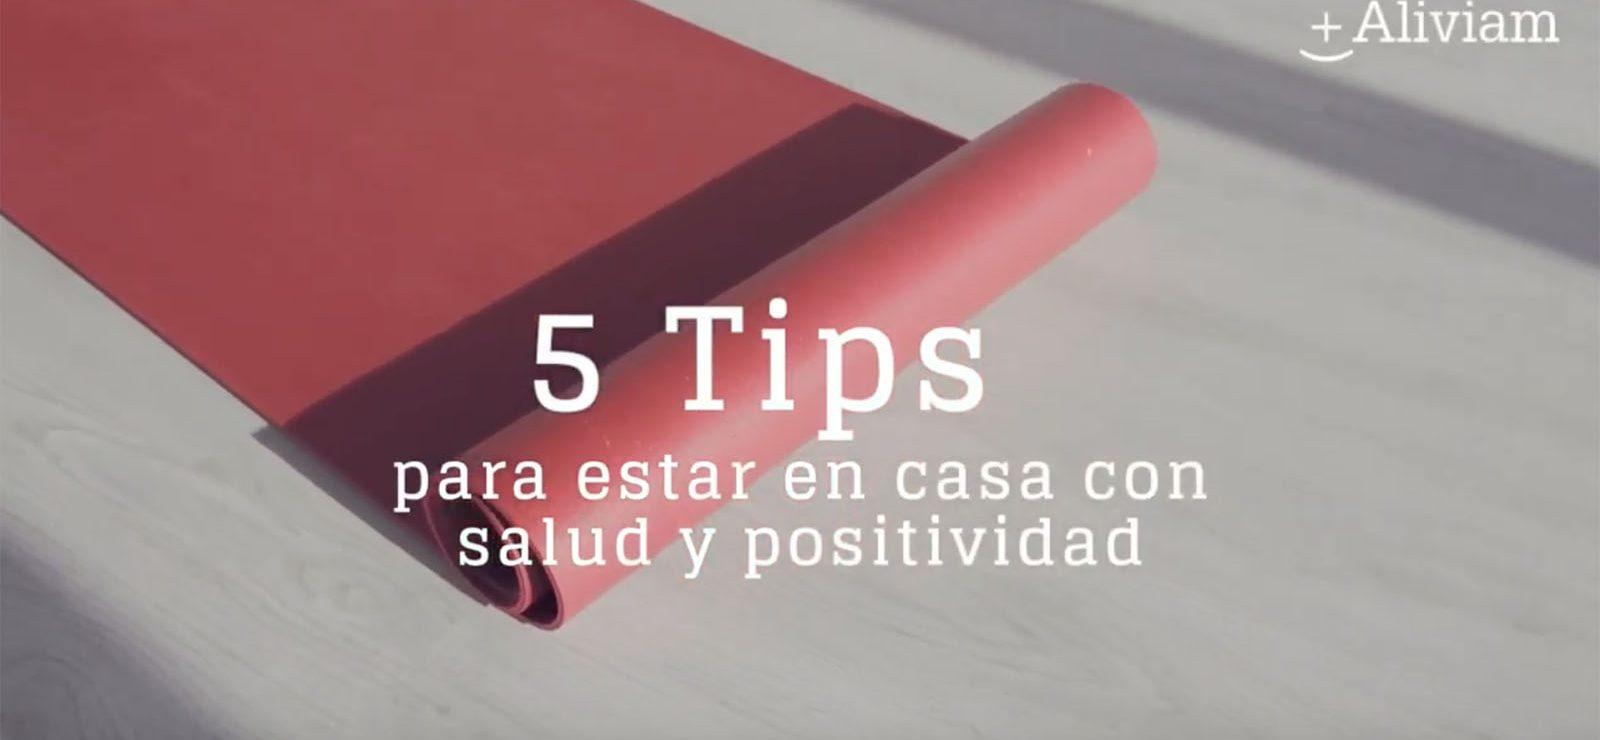 5 tips para un confinamiento saludable en casa